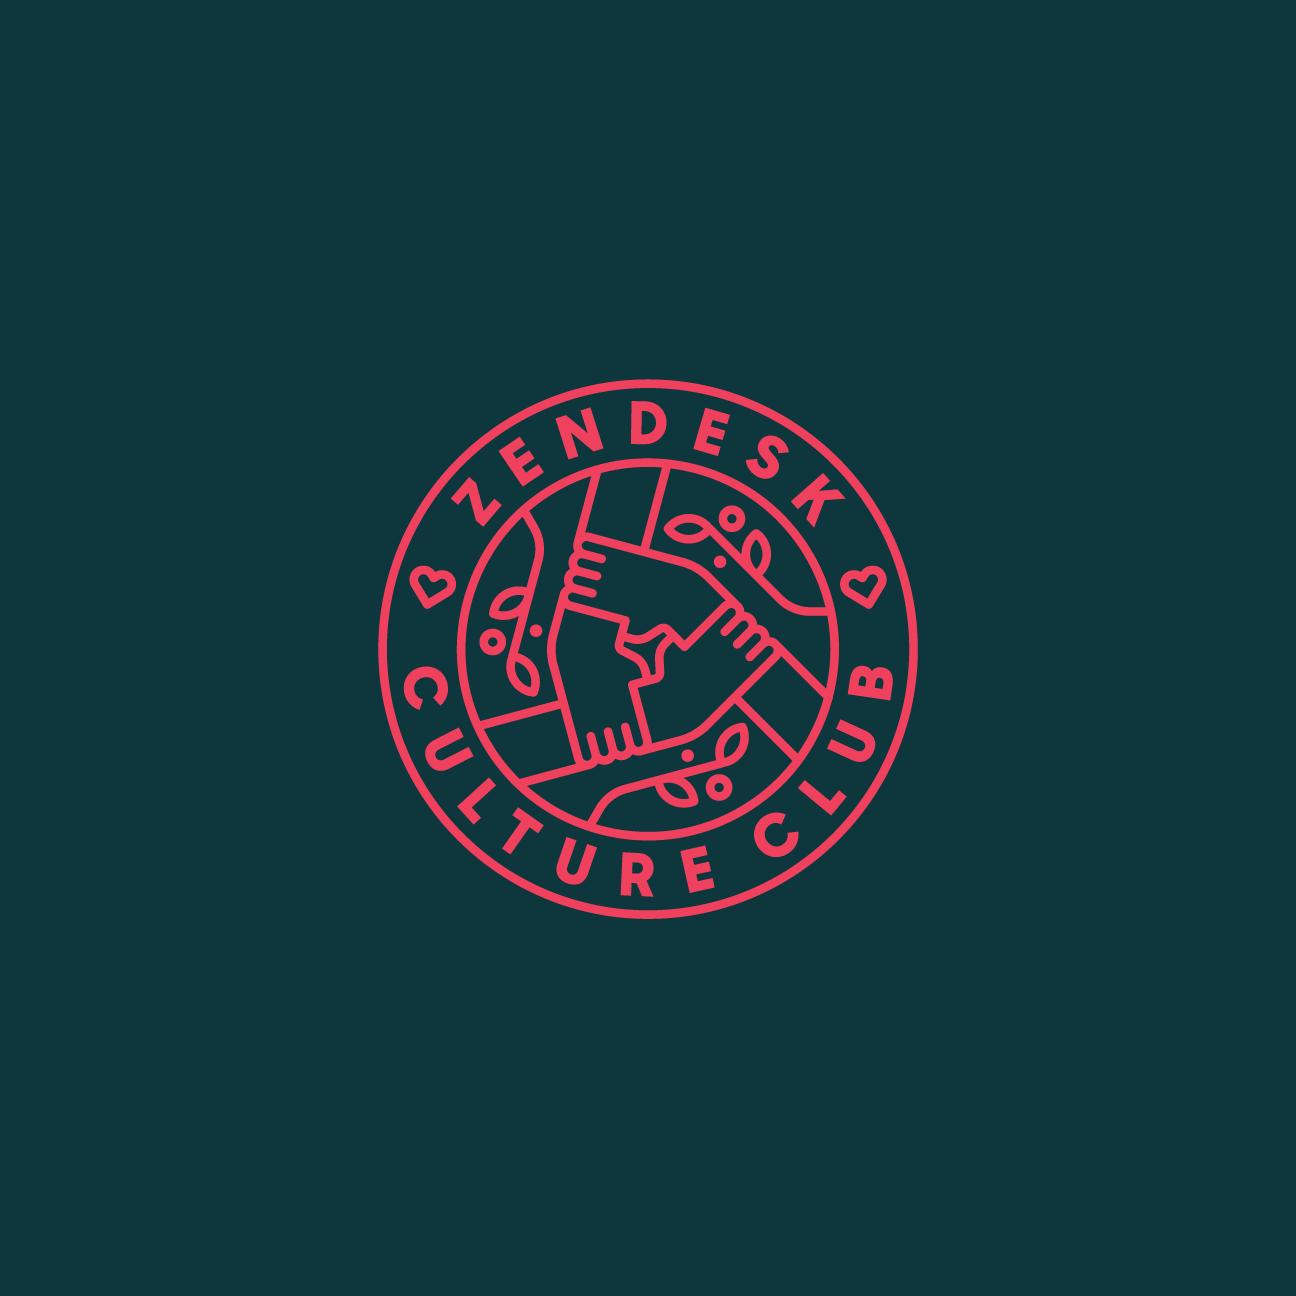 Zendesk Culture Club